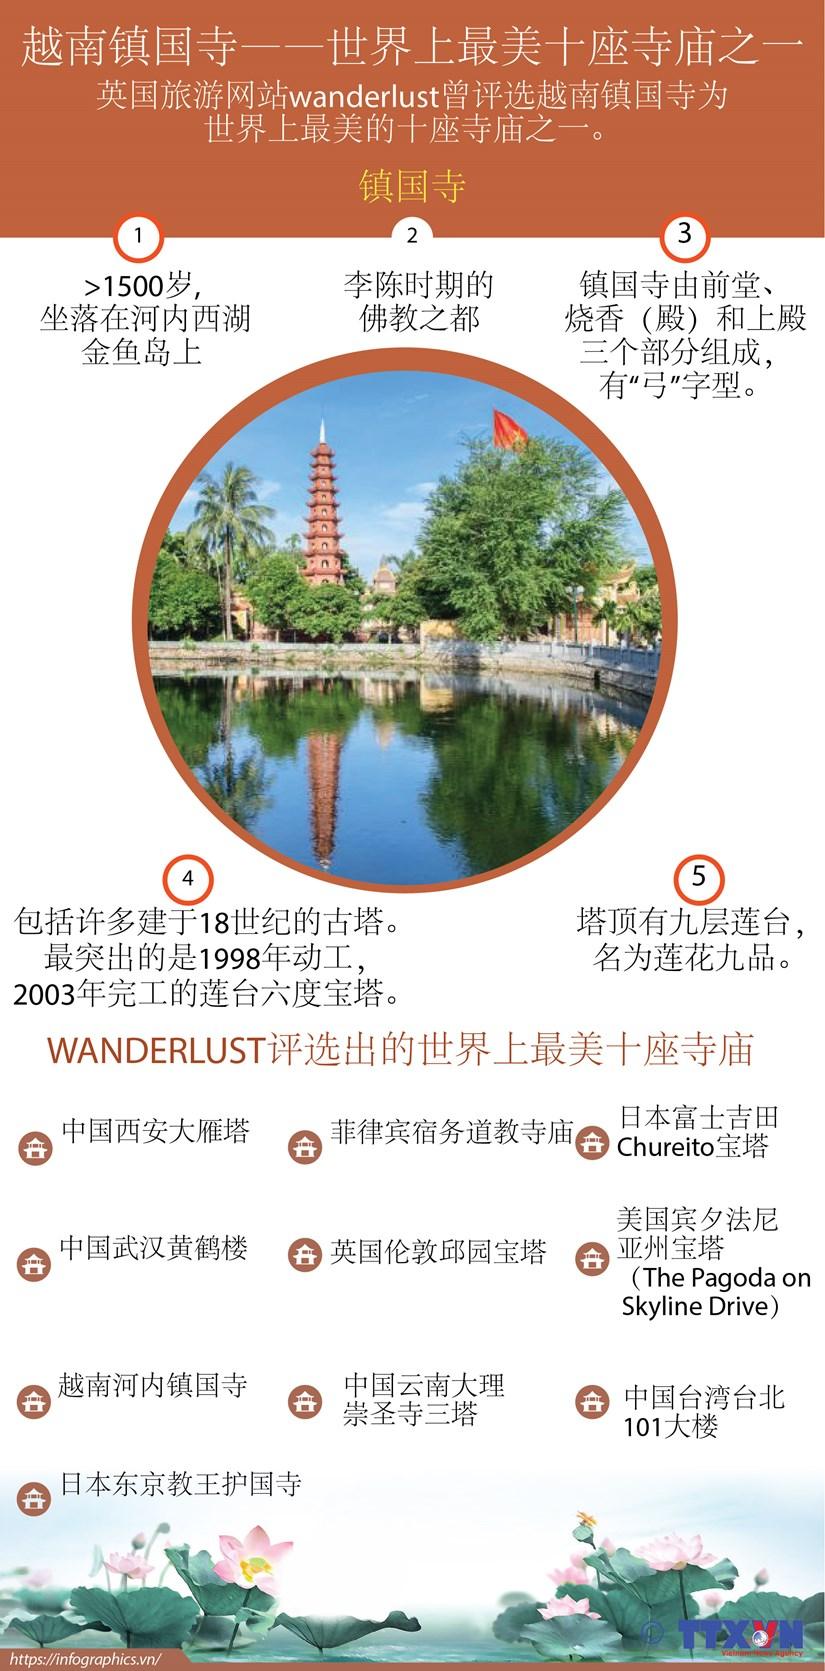 图表新闻:越南镇国寺——世界上最美十座寺庙之一 hinh anh 1